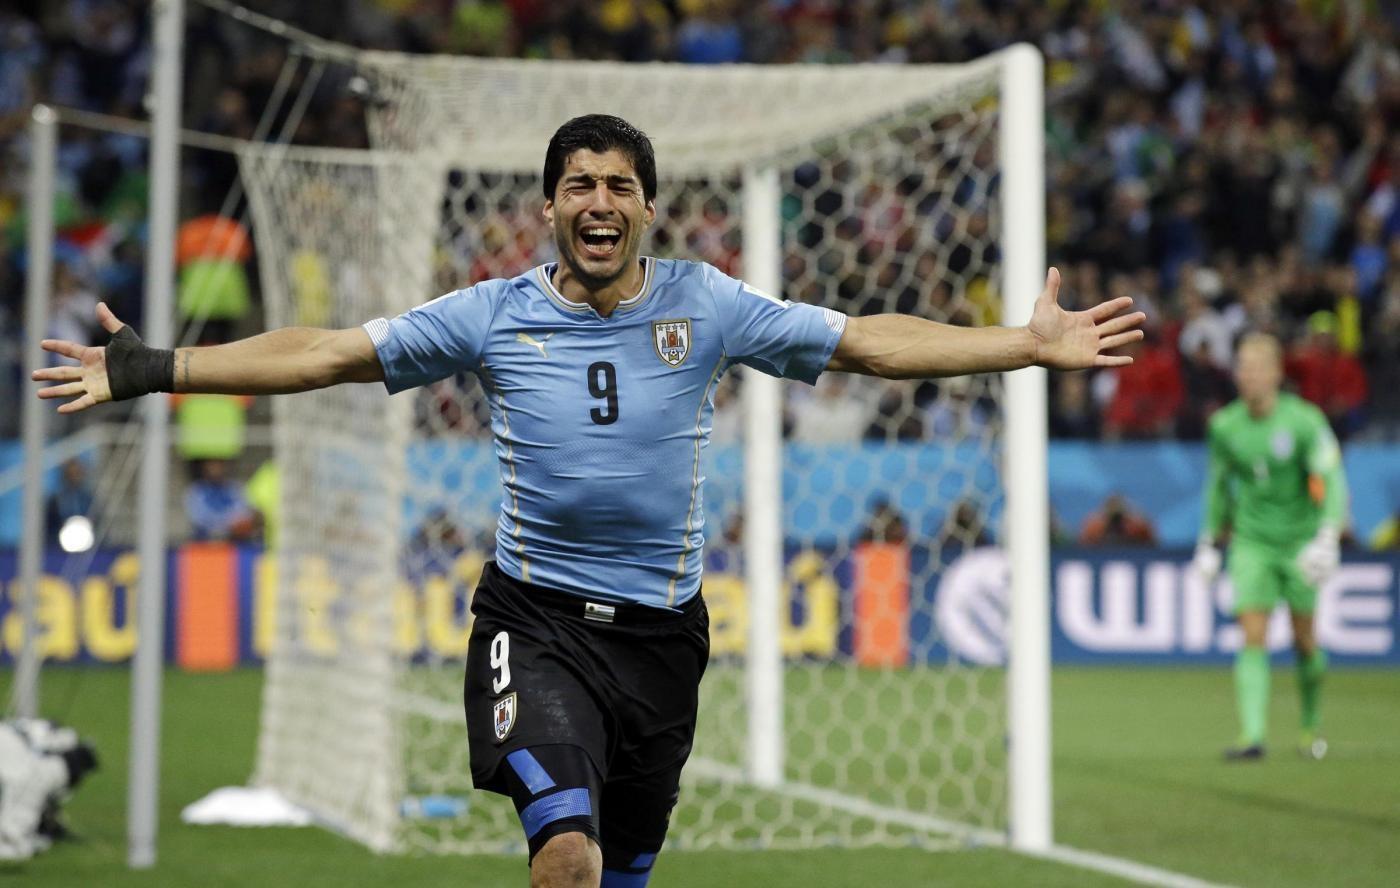 Uruguay vs Inghilterra, la magia: ho visto gli invincibili